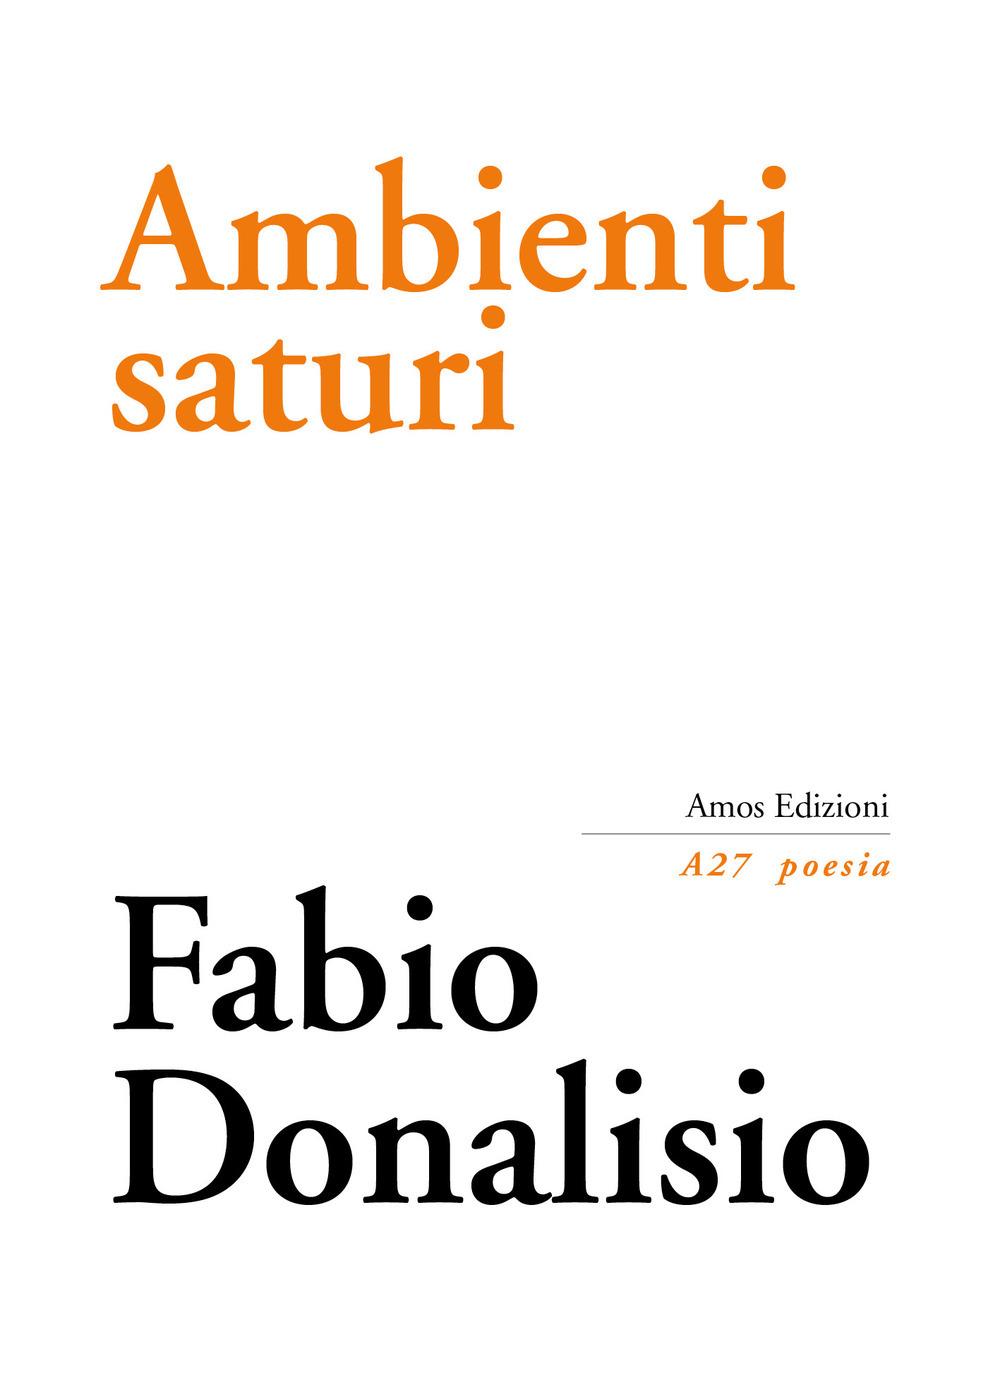 Ambienti saturi – Fabio Donalisio